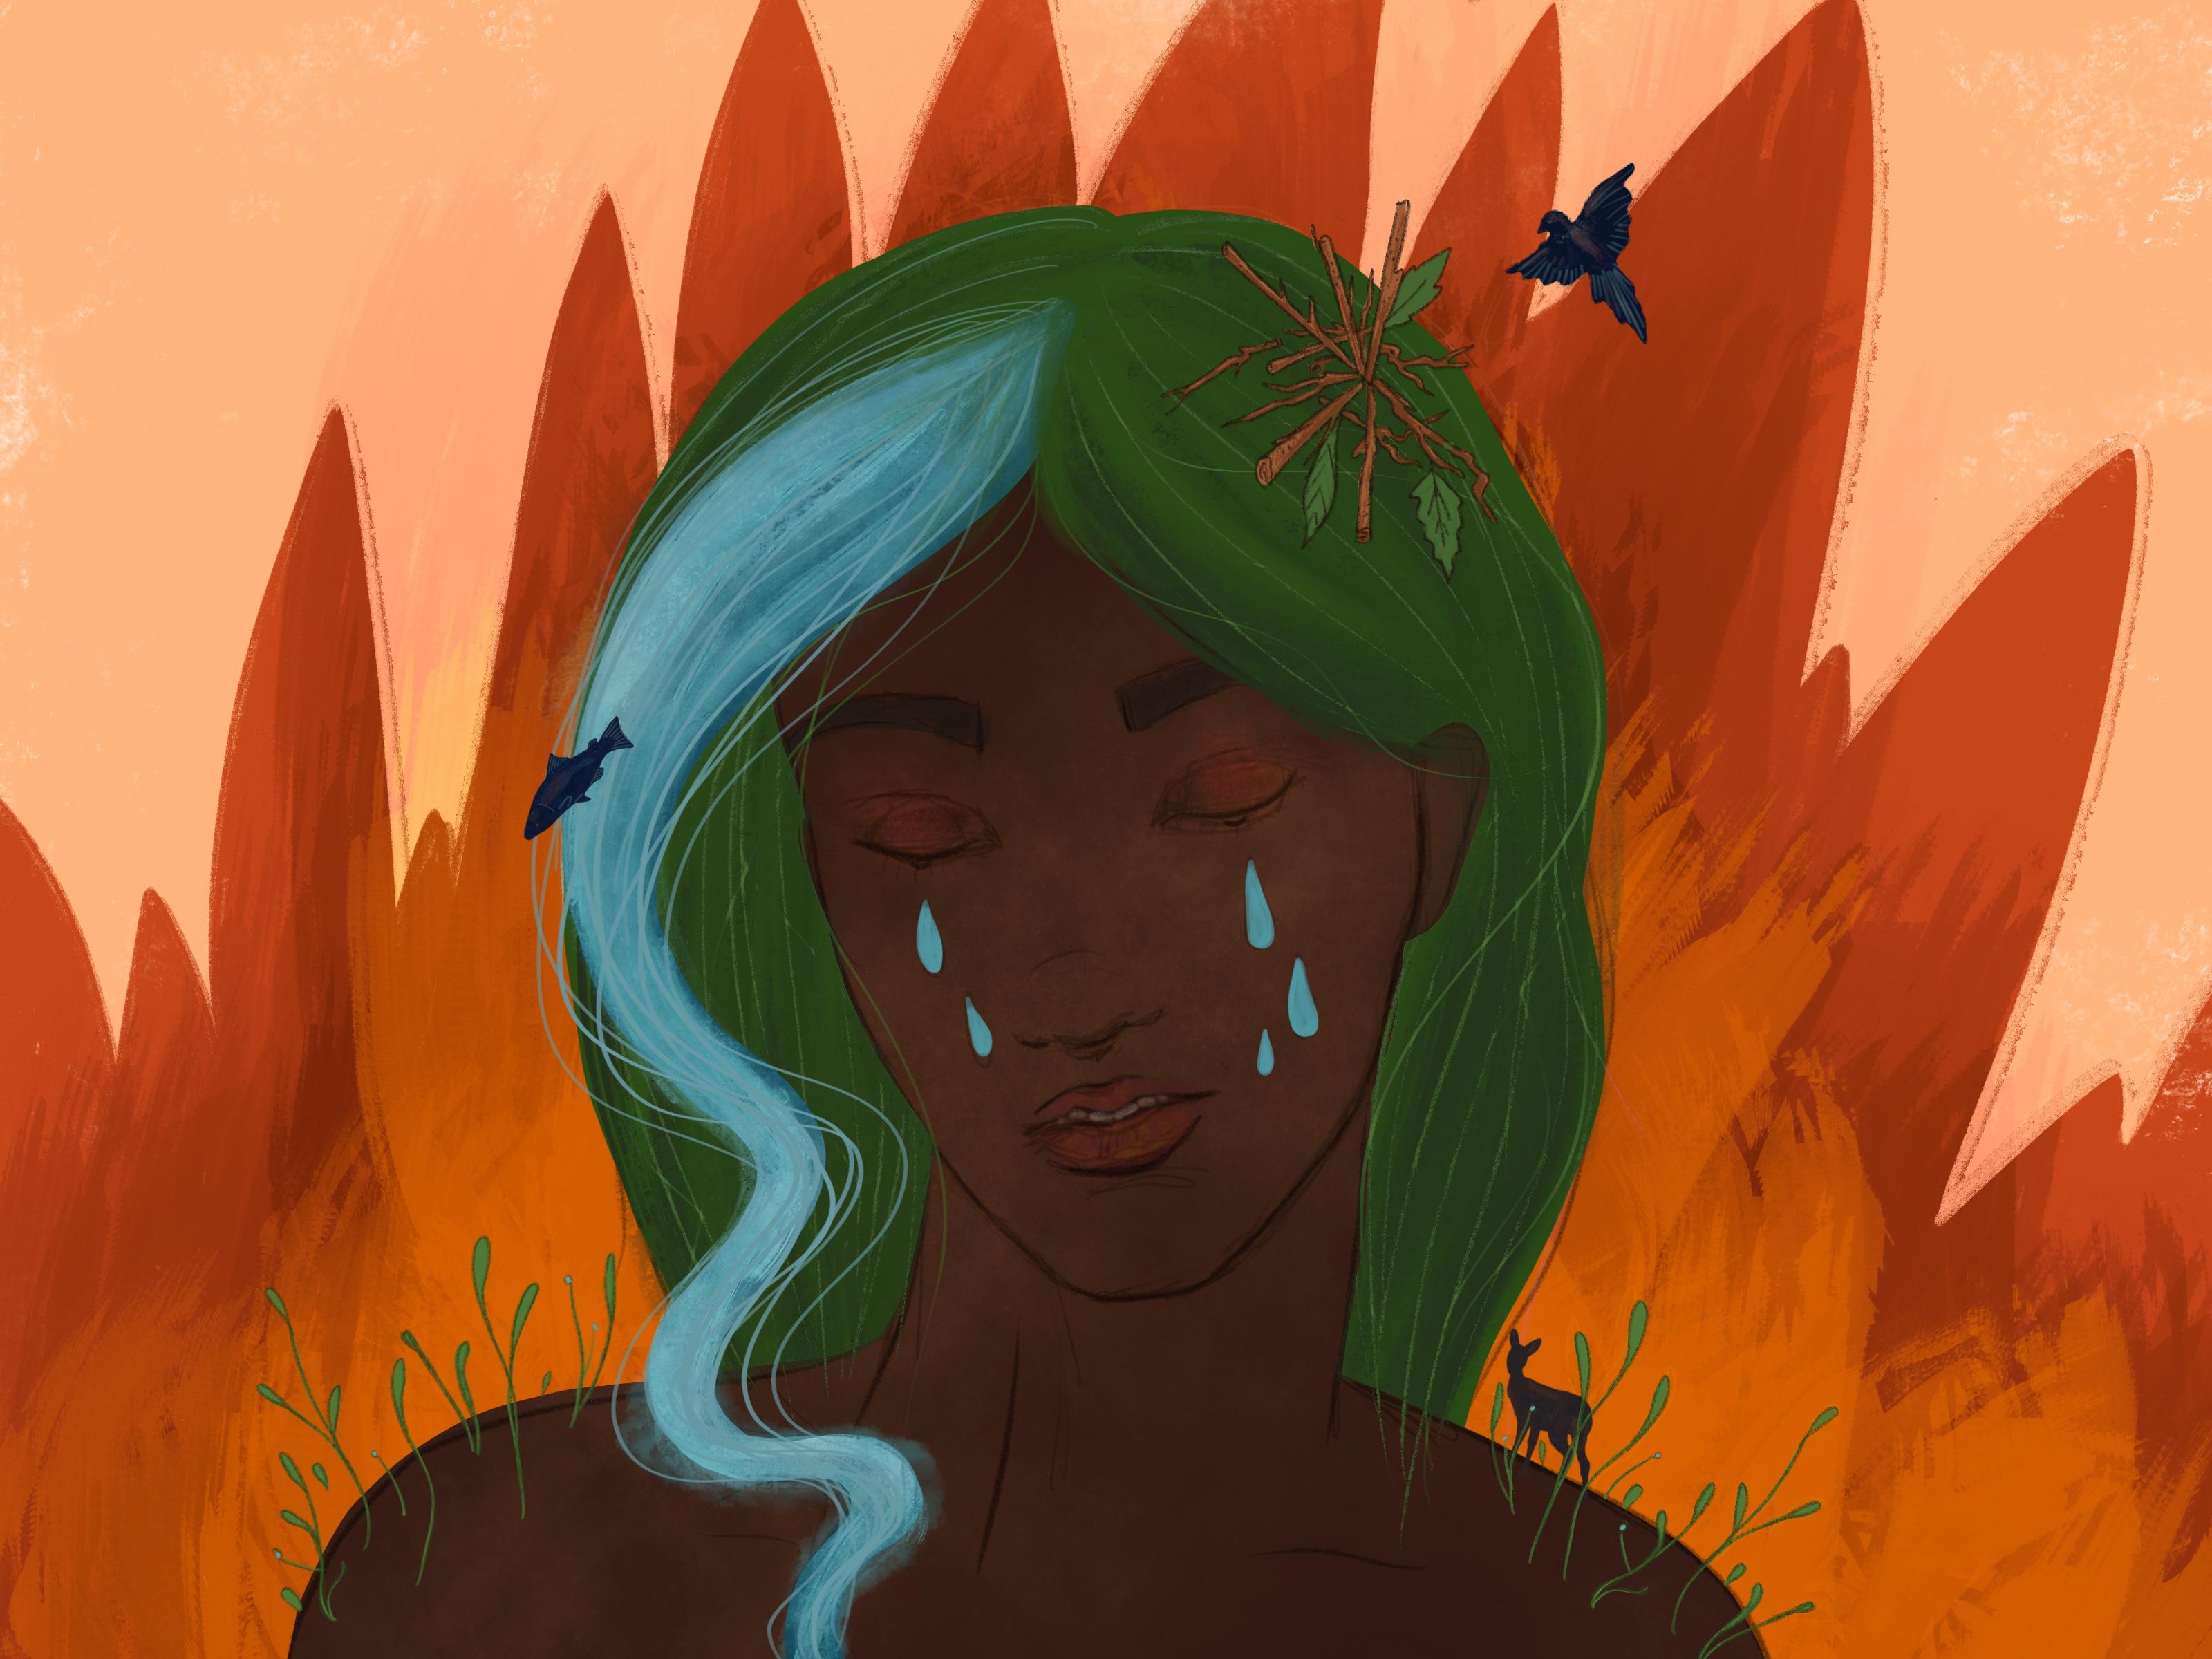 Une femme à la peau foncée et aux cheveux verts pleure. Il y a des animaux autour d'elle et le feu derrière.